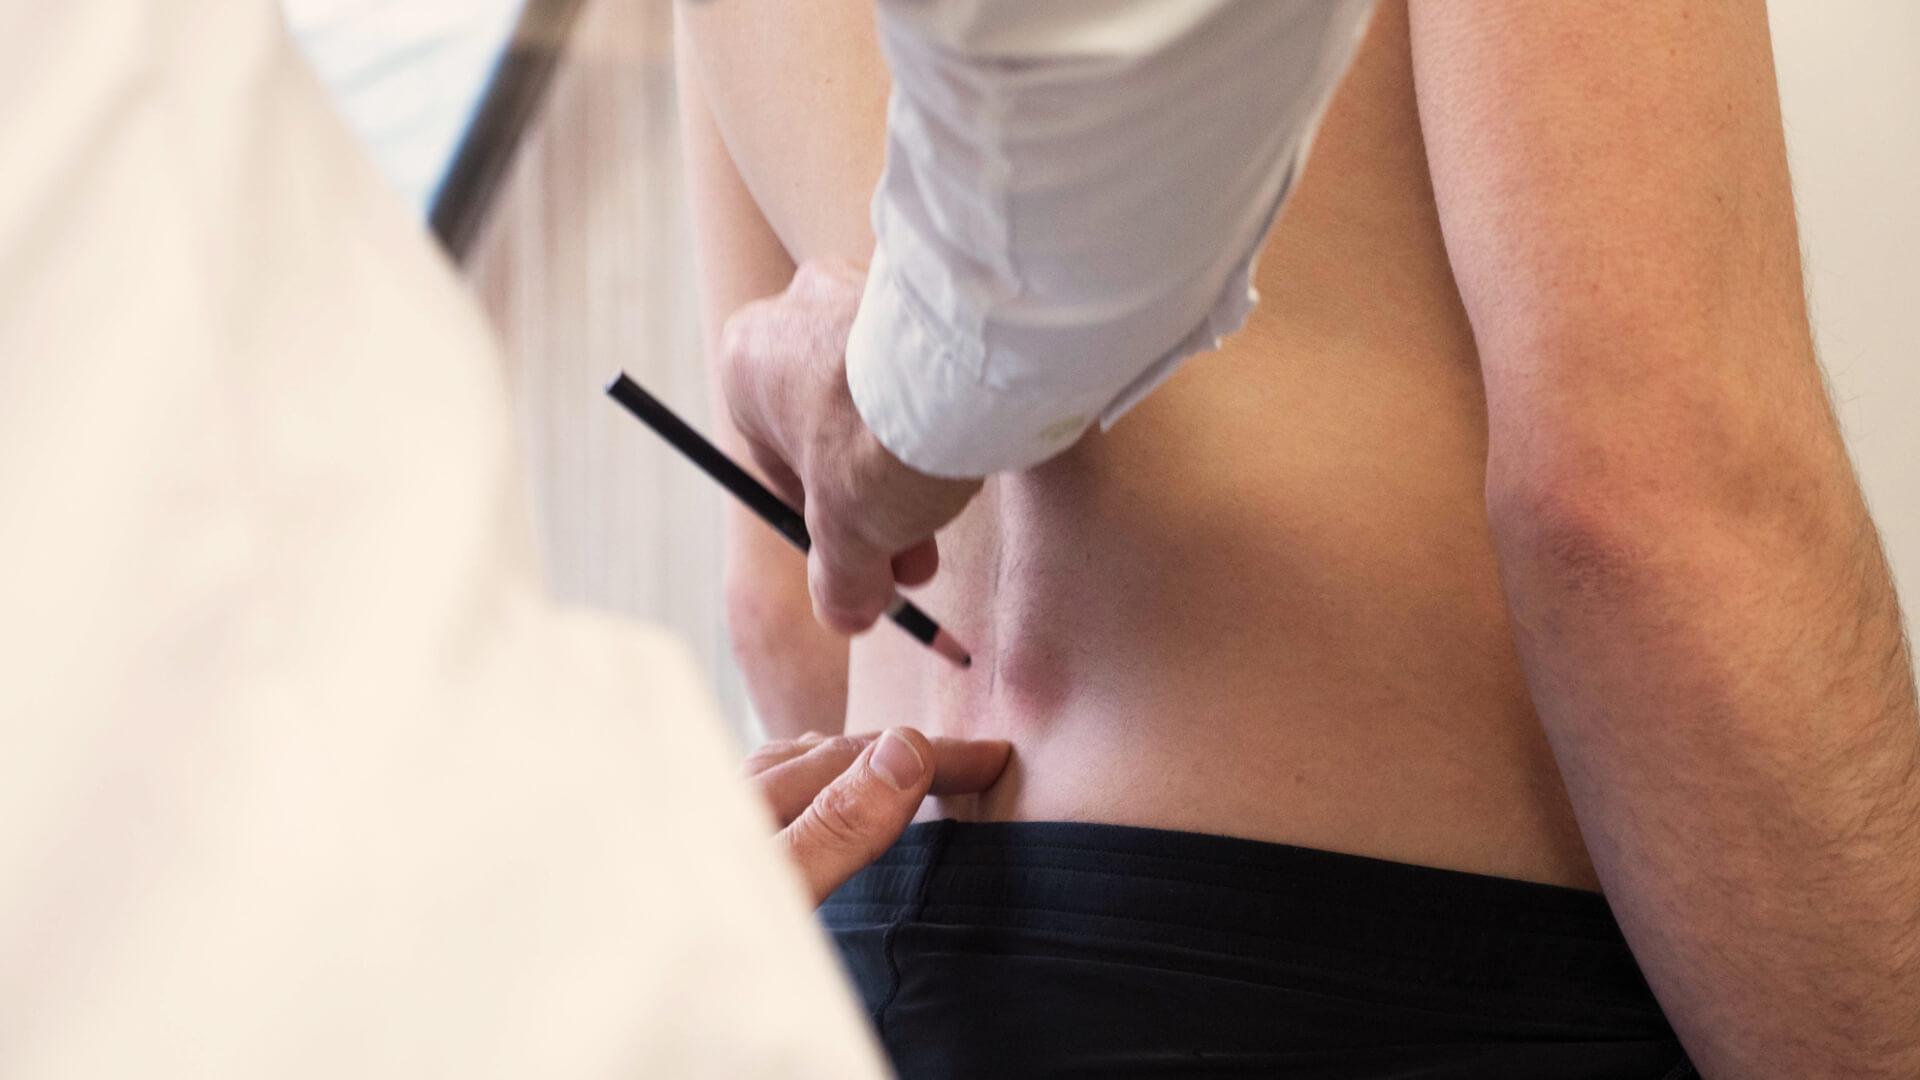 Begeleidende afbeelding bij uitleg over wat je mag verwachten over chiropraxie